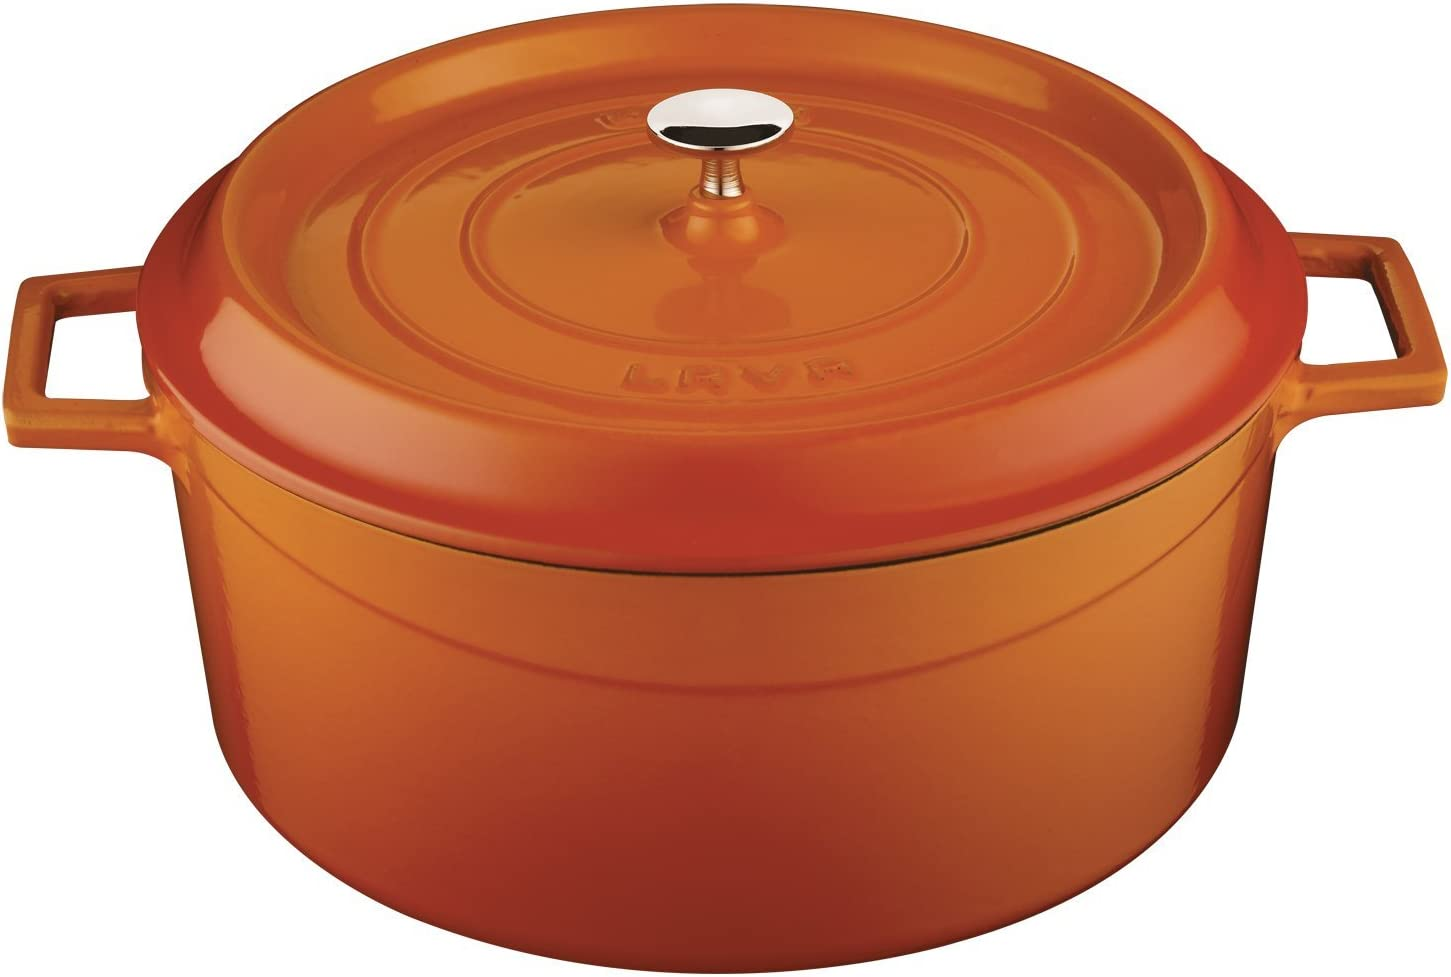 Lava Signature Enameled Cast-Iron Round Dutch Oven - 7 Quart, Orange Spice